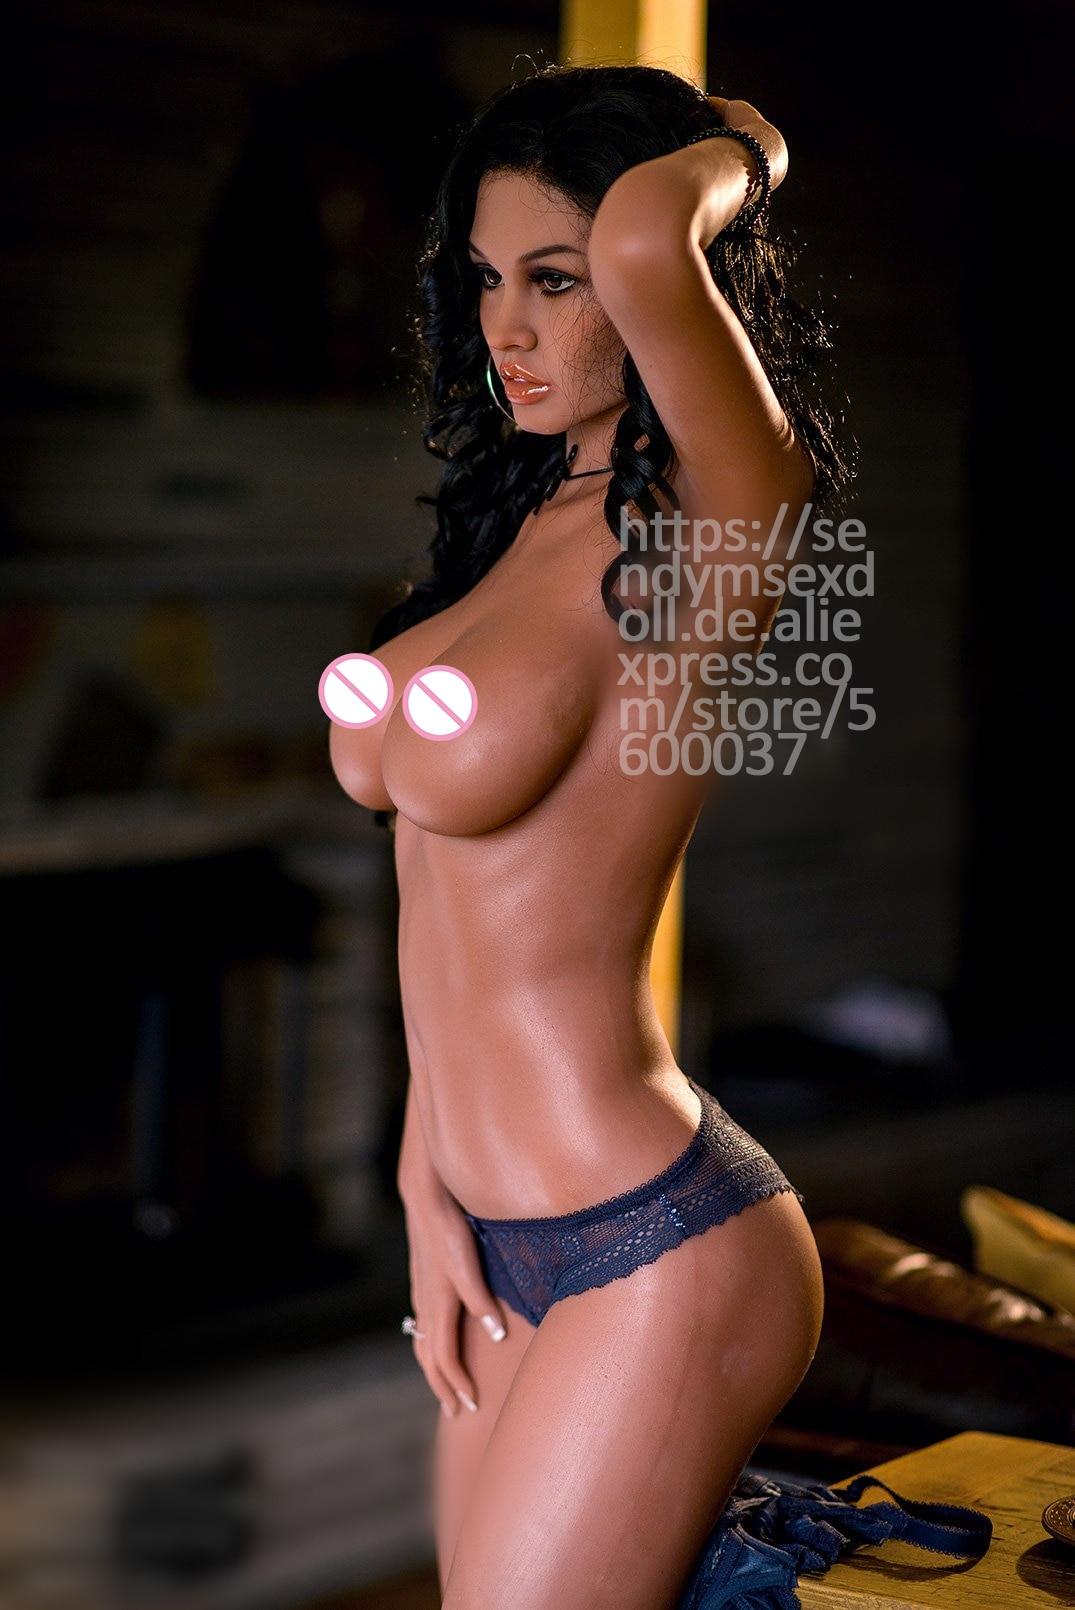 H47af1833e8ab4715b9d3e8f8360dfb3fe Muñeca sexual japonesa de pecho grande y trasero grande de 158cm, Vagina realista, Oral, realista, alta calidad, muñeca Sexy de amor